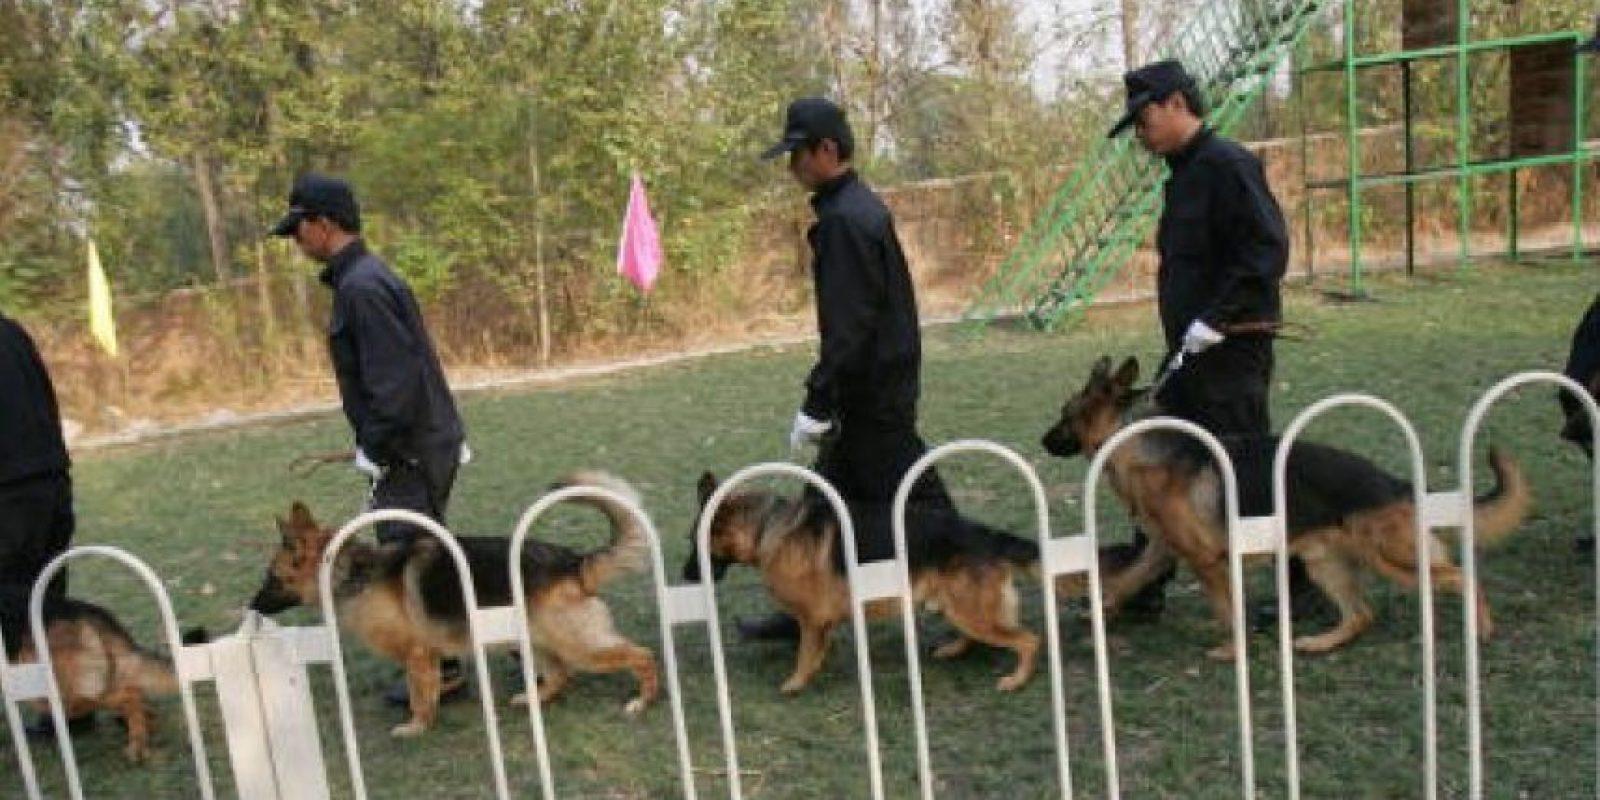 Perros de intervención (protección, antidisturbios) Foto:Getty Images